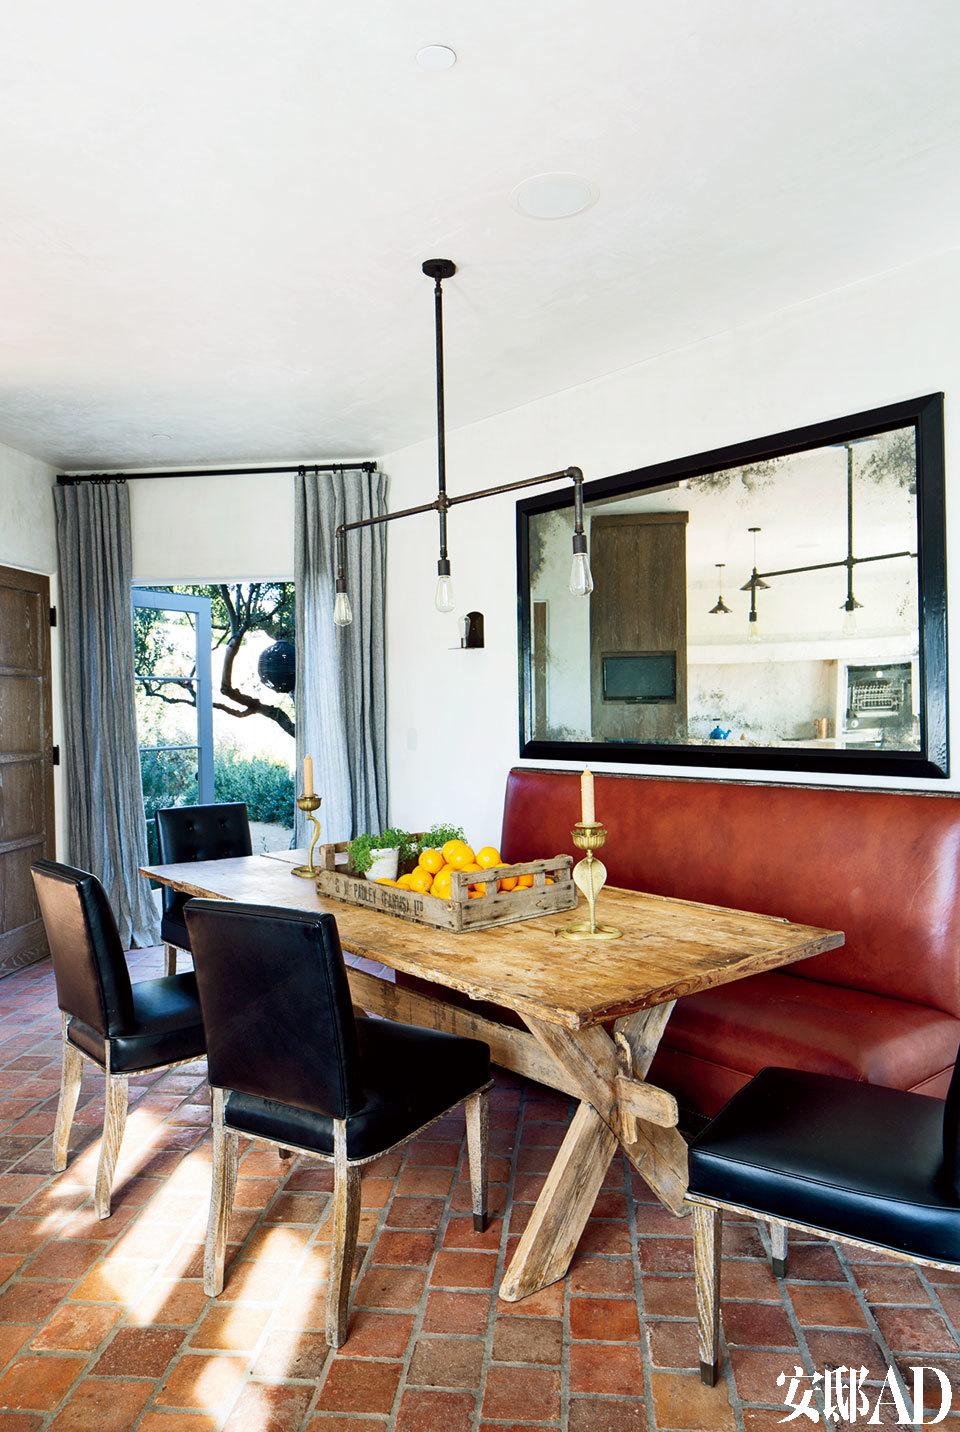 家中既有时尚、华美的大空间,也有这样简单、复古的小角落,因为生活中光鲜的兴奋点和温情的小片段兼而有之。Bullard设计的椅子采用了Moore & Giles的皮革,再搭配上旧木桌和复古的皮革长沙发座,成就了一个舒适的早餐区。